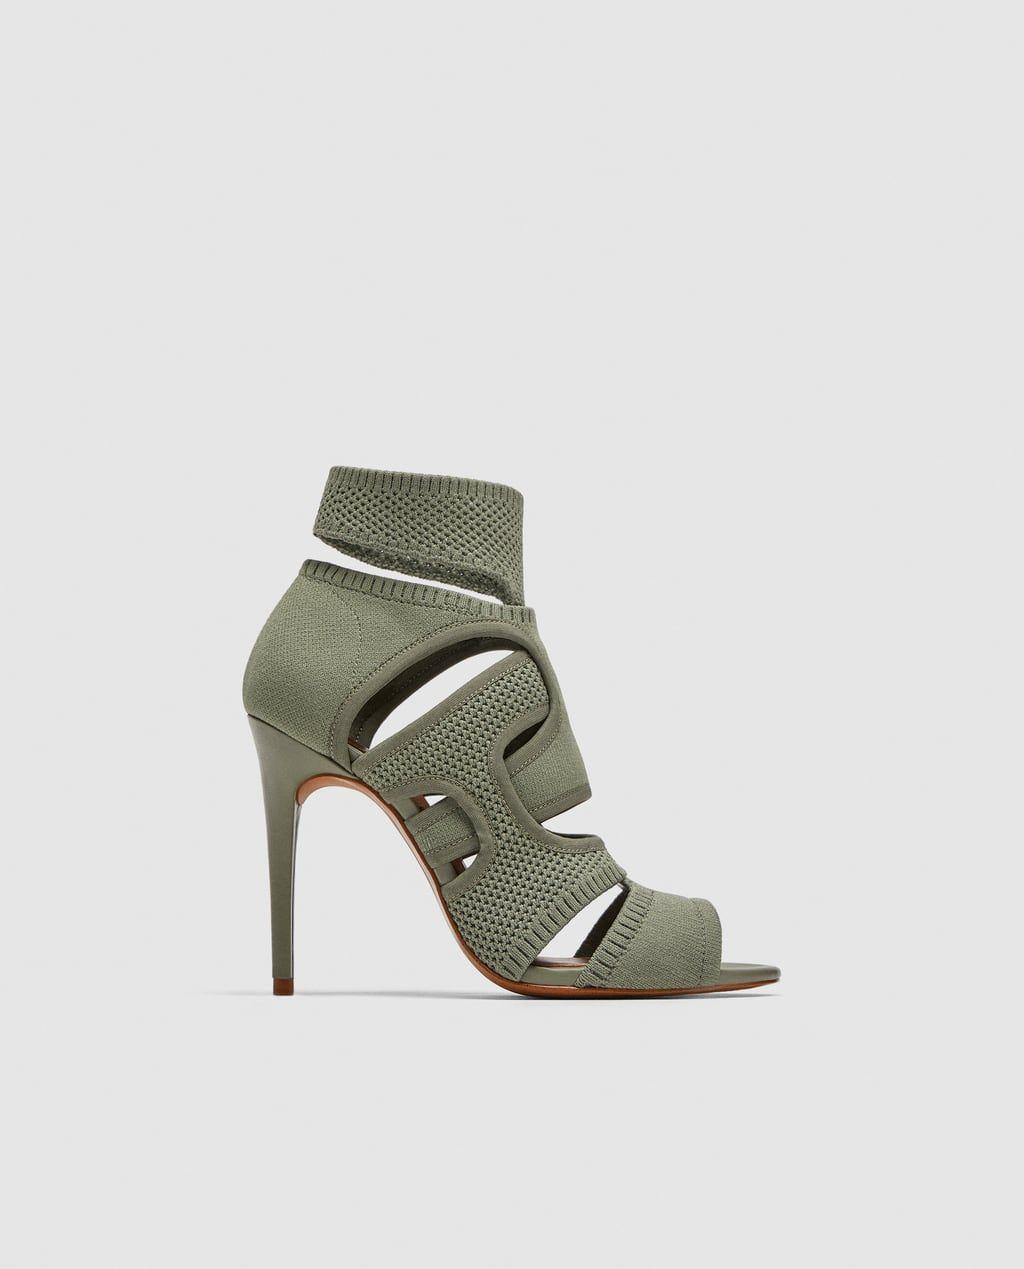 106bcf16cb64 Women s Heeled Sandals